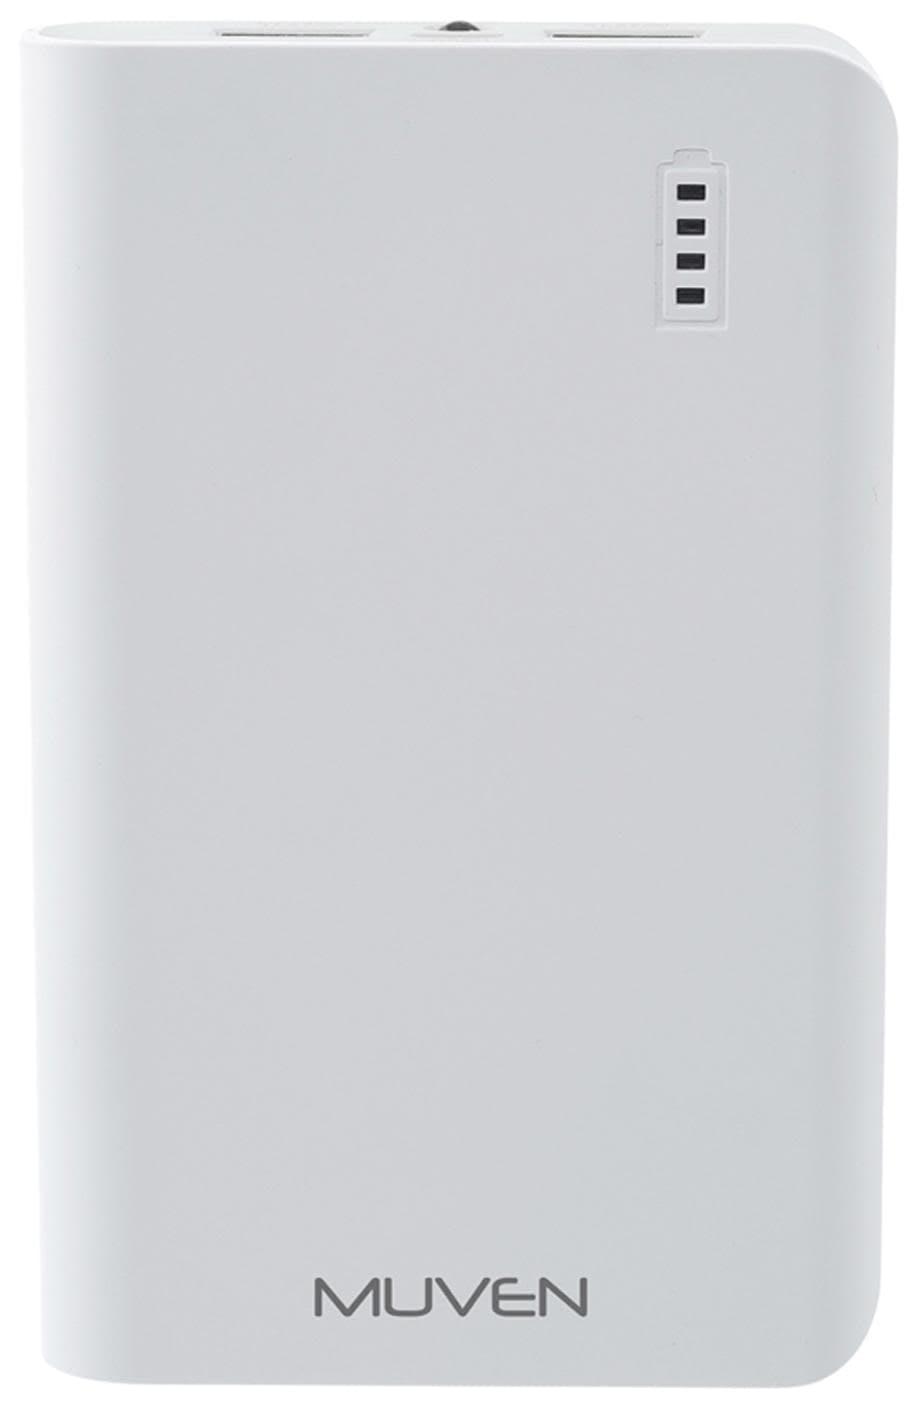 Muven 13350 MAh Power Bank (Grey & White, XE260)